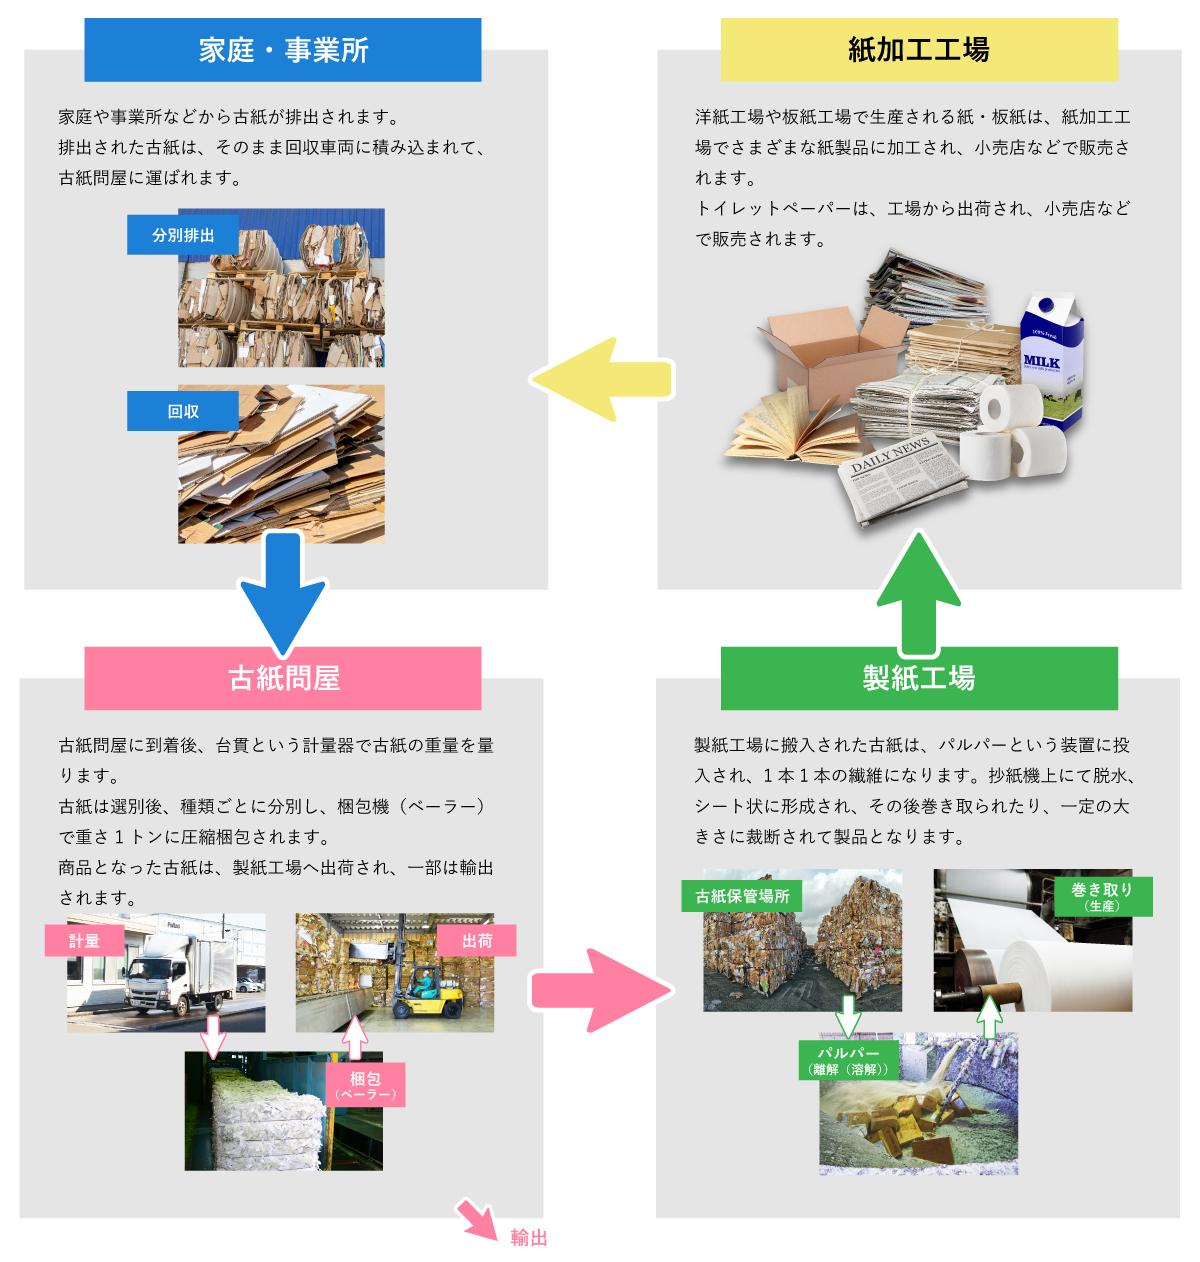 古紙リサイクルの流れ